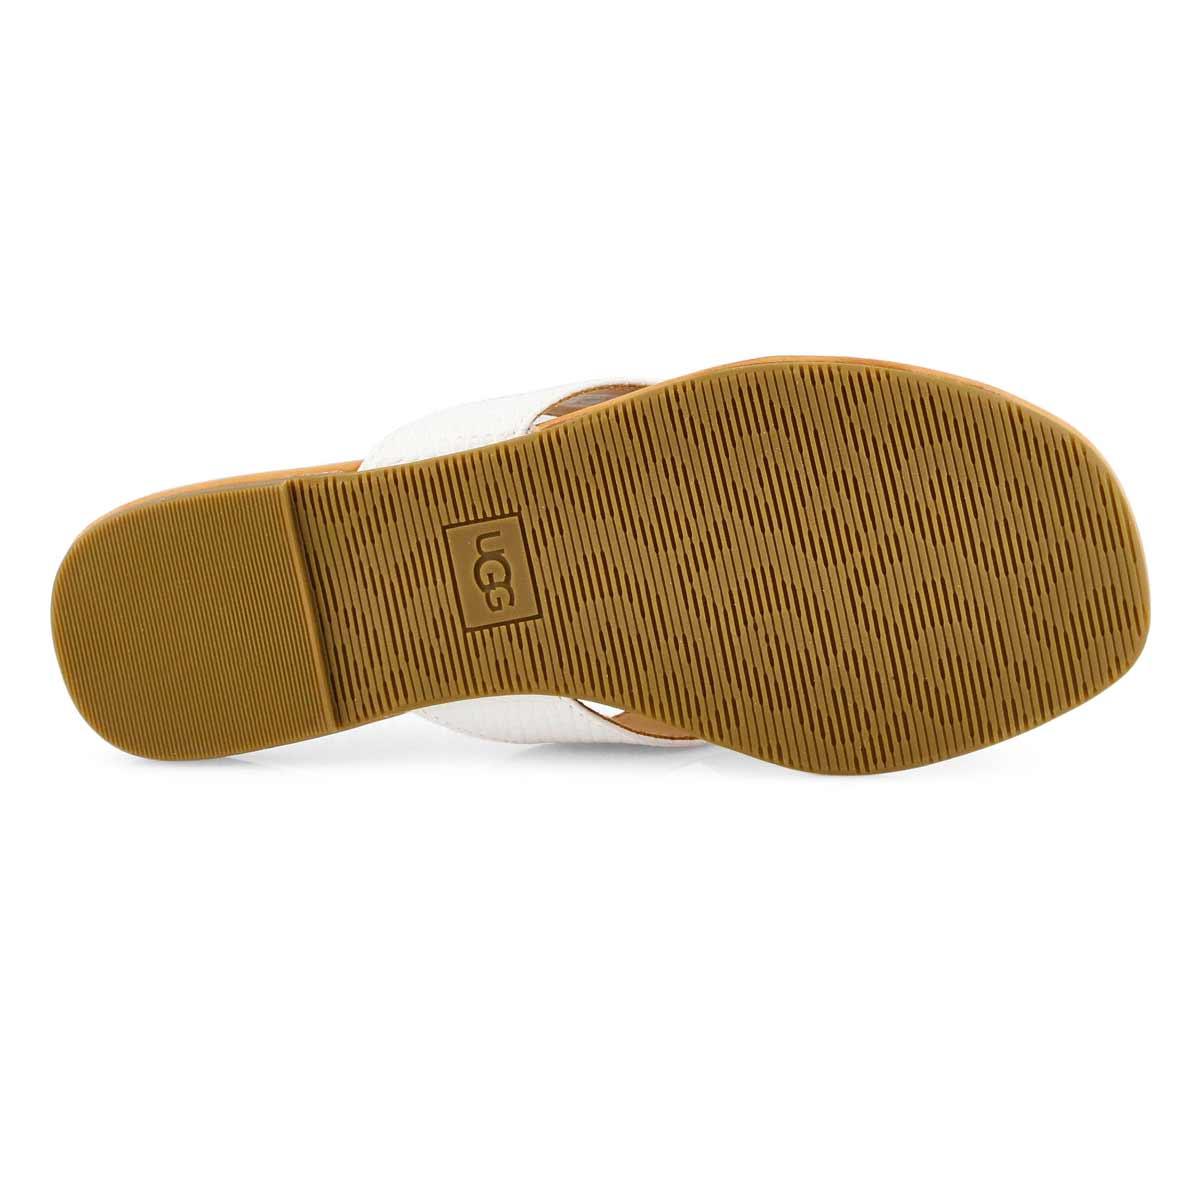 Lds Tuolumne white thong sandal